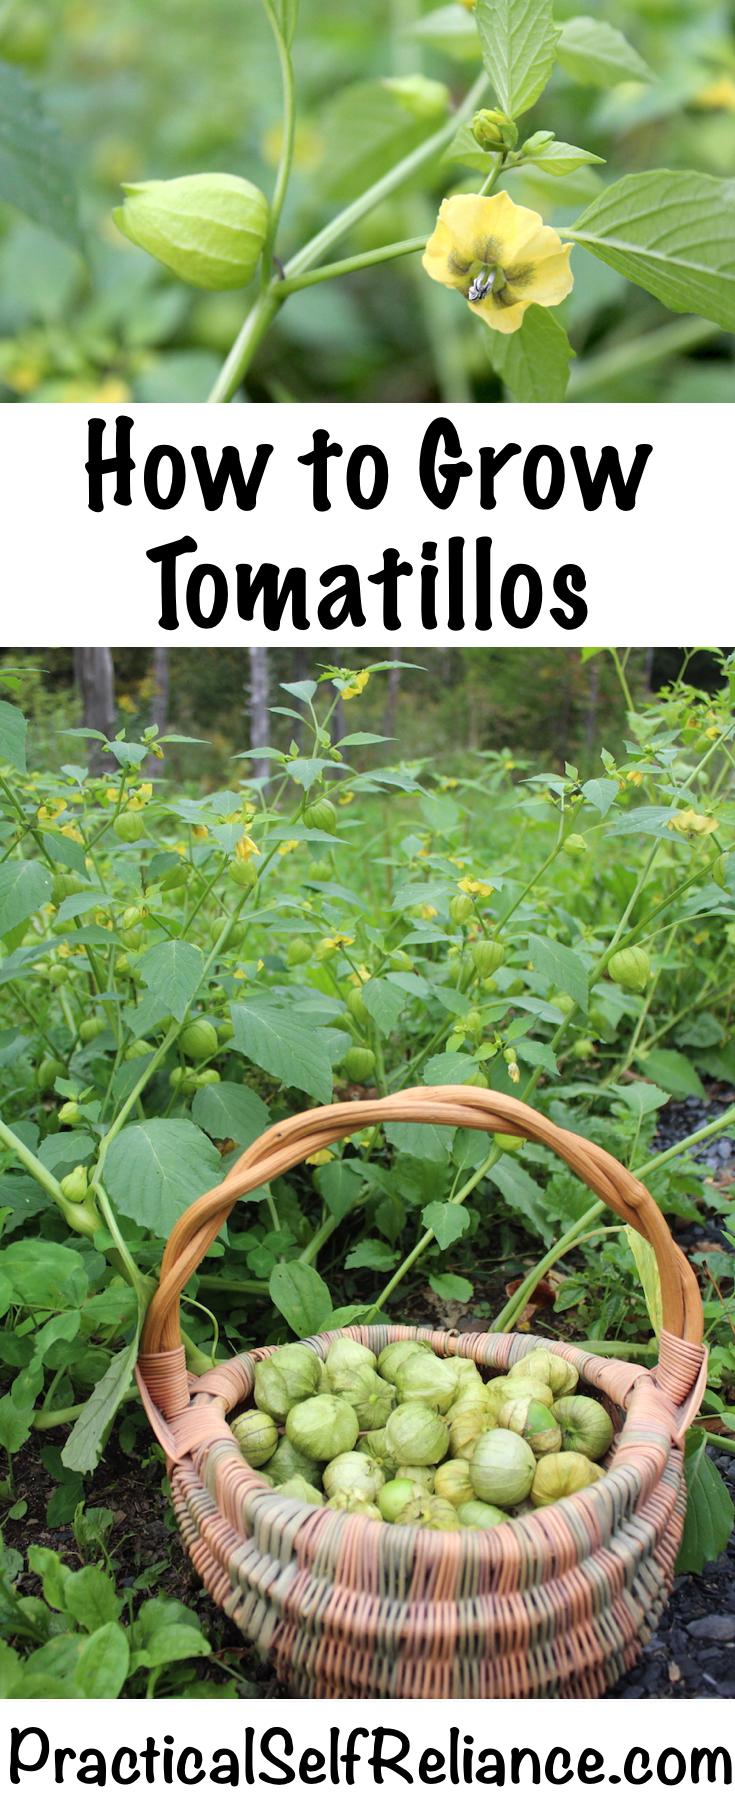 How to Grow Tomatillos ~ Growing Tomatillos in the Garden